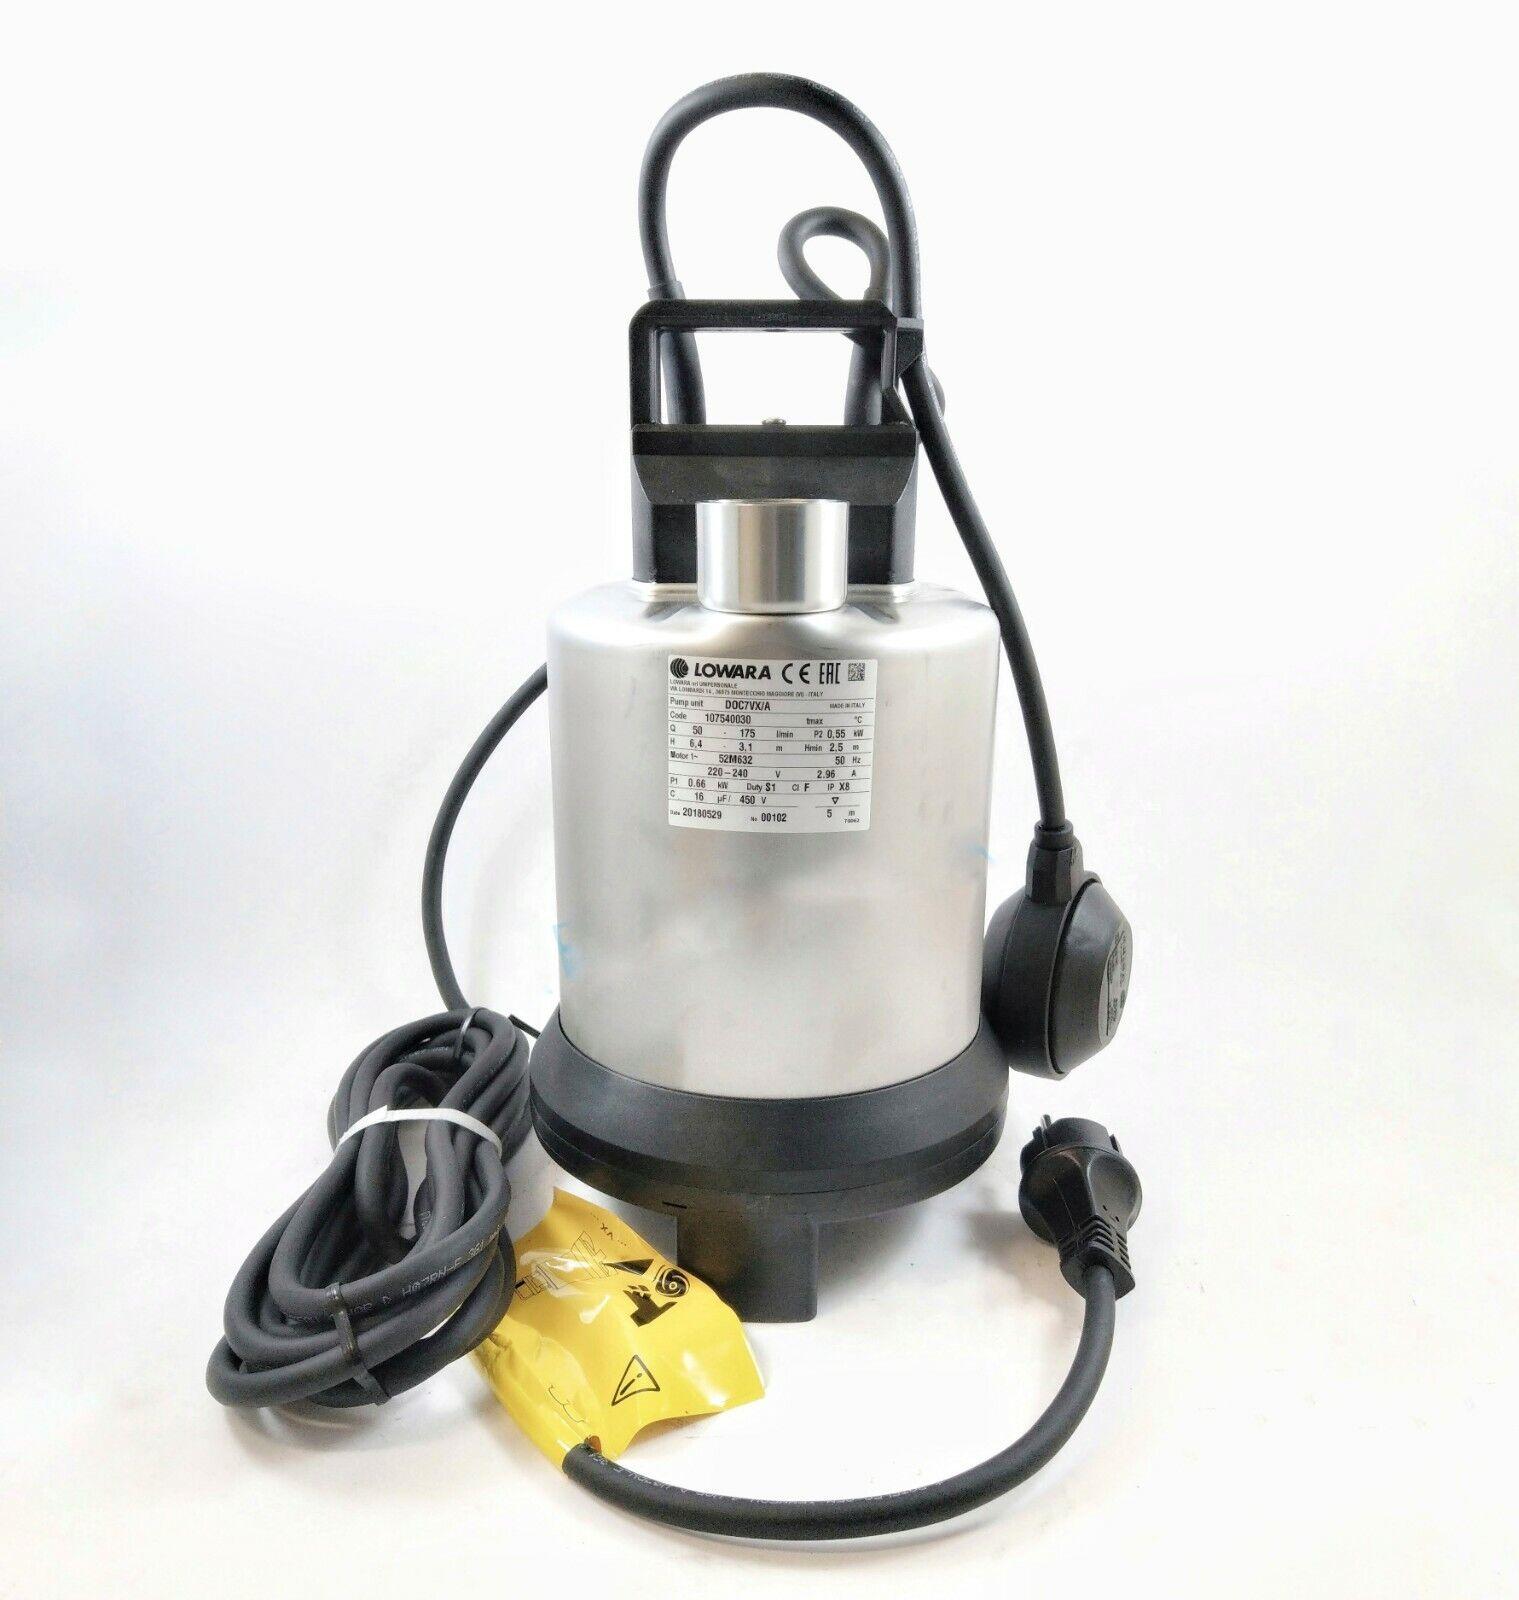 Pompa Sommersa acque sporche Lowara DOC 7 VXA con interruttore a galleggiante